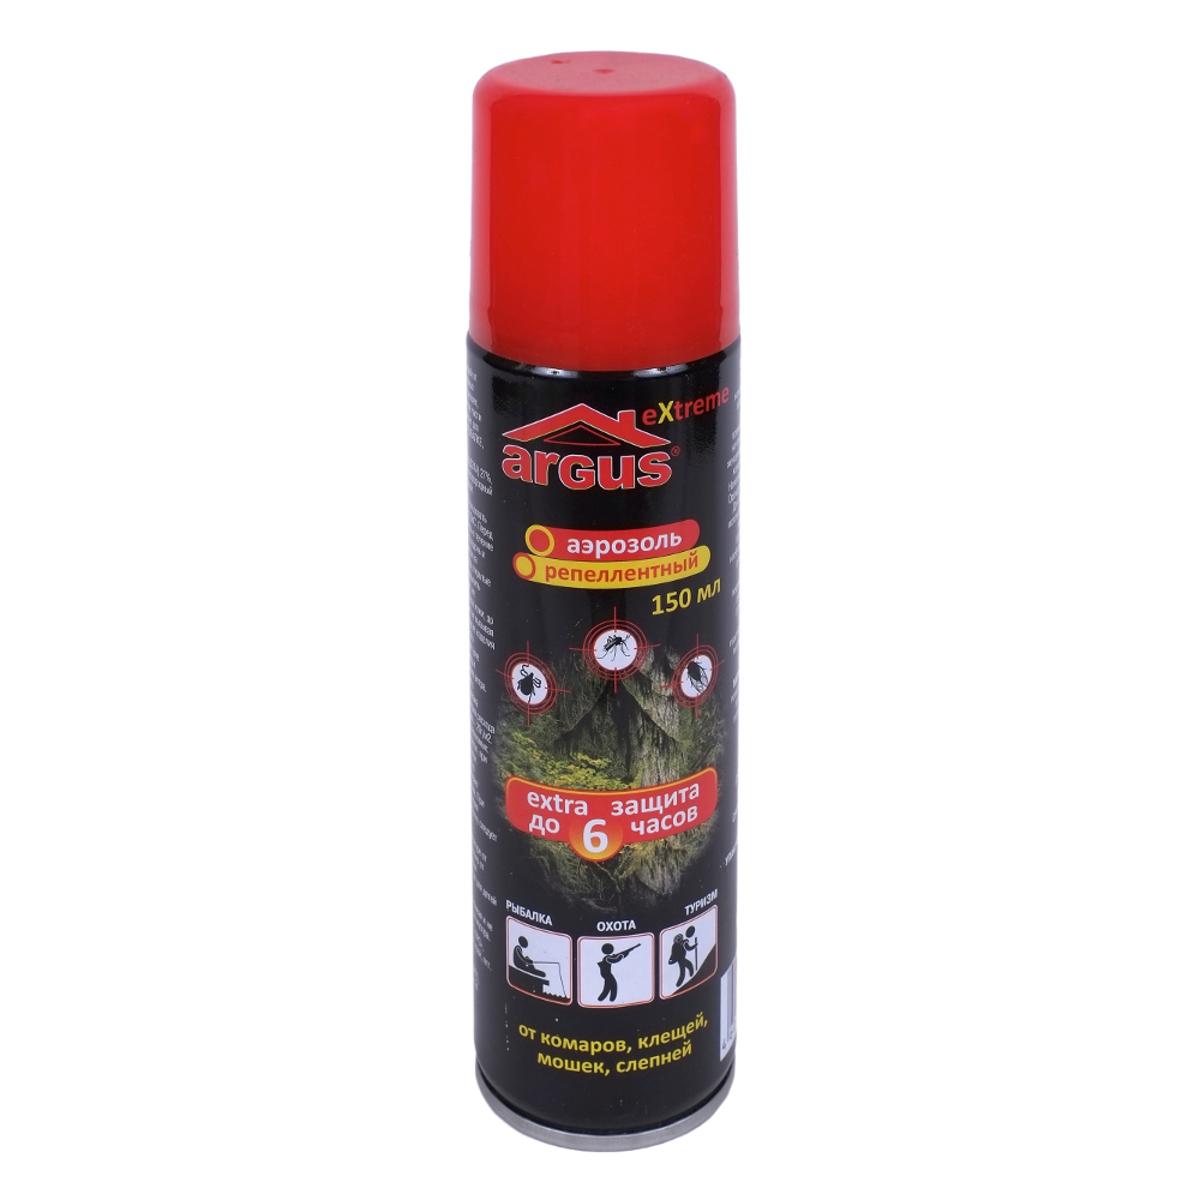 Аэрозоль репеллентный против насекомых Argus, 150 млBH-SI0439-WWРепеллентный аэрозоль Argus применяется для защиты людей от нападения кровососущих насекомых (комаров, мокрецов, москитов, мошки, слепней) при нанесении на открытые части тела. Изделие идеально подойдет для защиты от насекомых в экстремальных условиях: на рыбалке, охоте, отдыхе, в лесу, в тайге, в горах, в районах с повышенной влажностью. Действие продолжается до 6 часов.Состав: N,N-диэтилтолуамид (ДЭТА) 27%, пропиленгликоль, отдушка, углеводородный пропеллент, спирт изопропиловый.